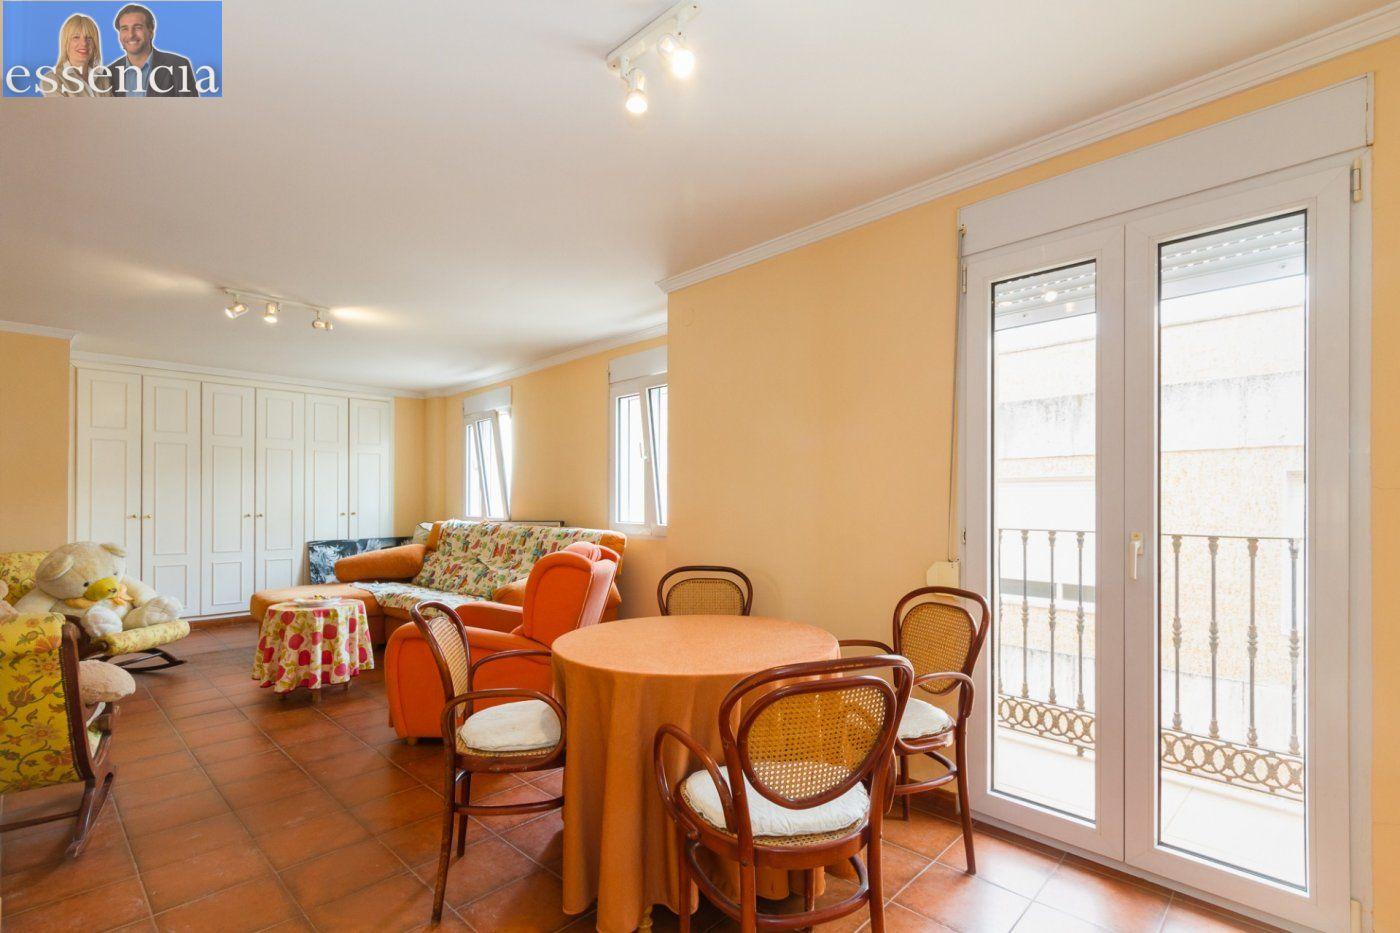 Casa con encanto en el centro de gandÍa para clientes vip - imagenInmueble10